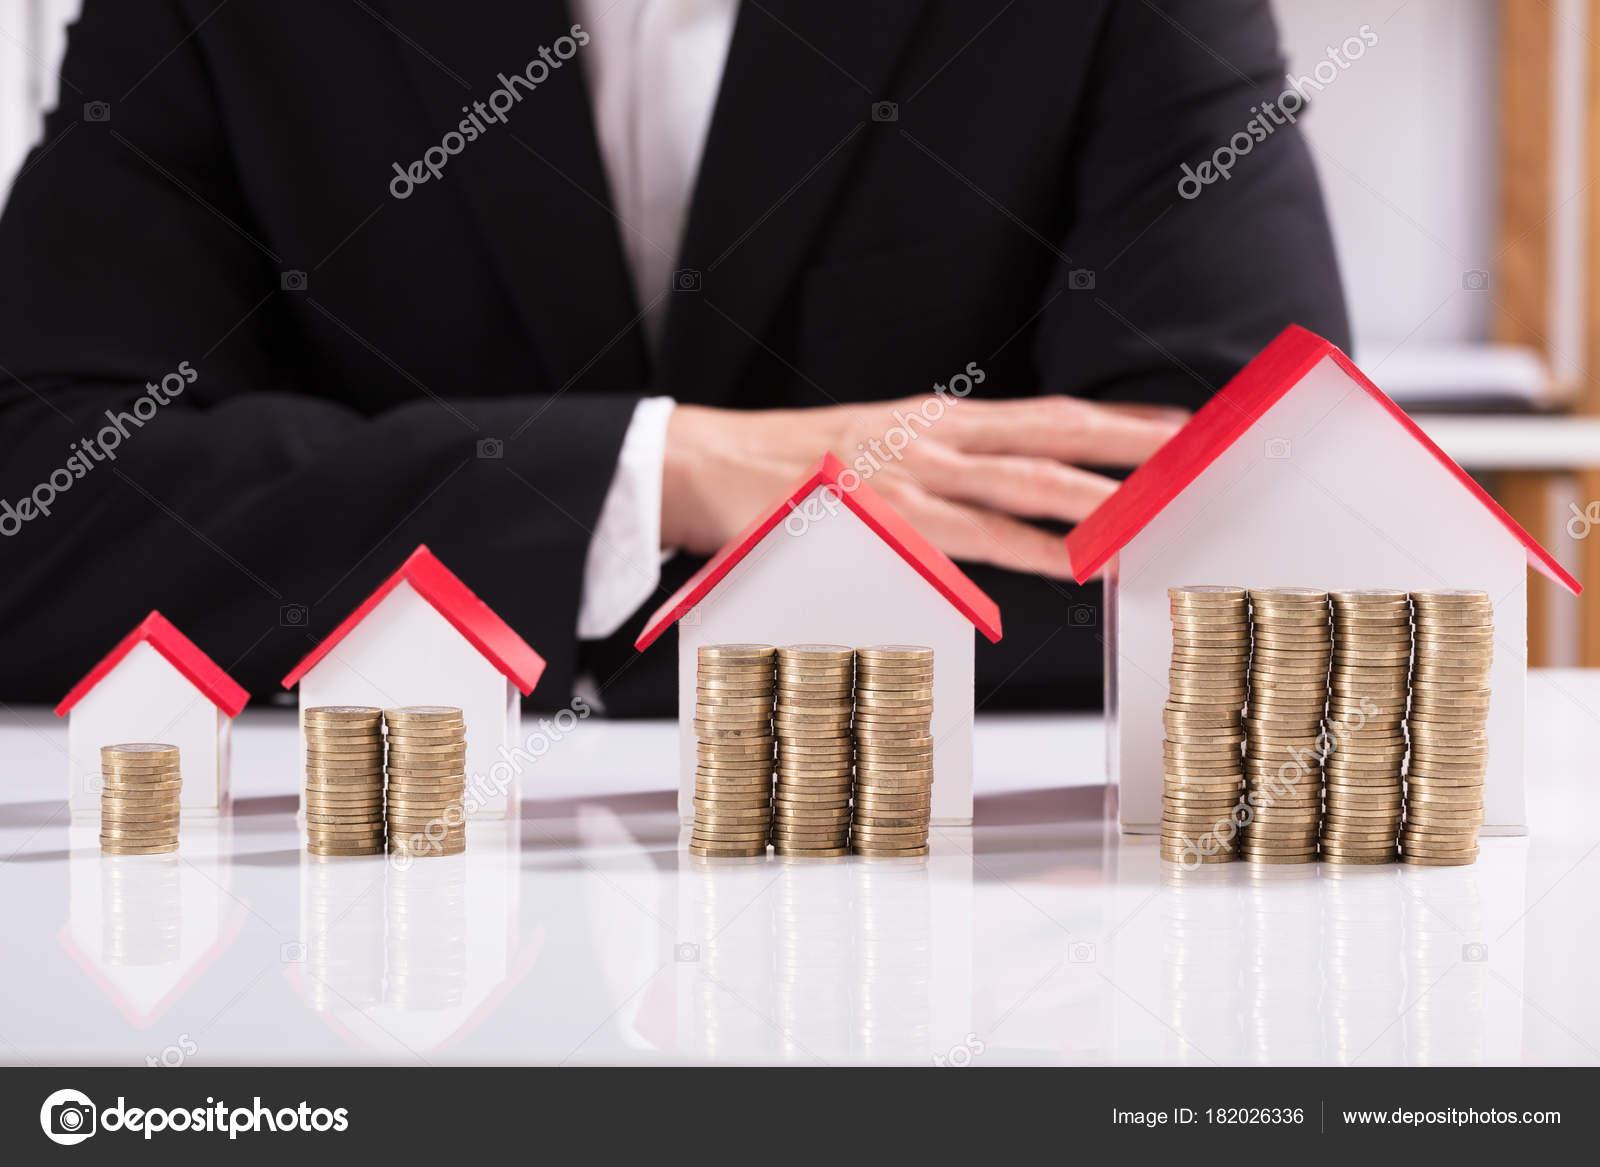 Stapel Von Münzen Und Verschiedene Größen Hausfassade Modell Der  Geschäftsmann U2014 Stockfoto